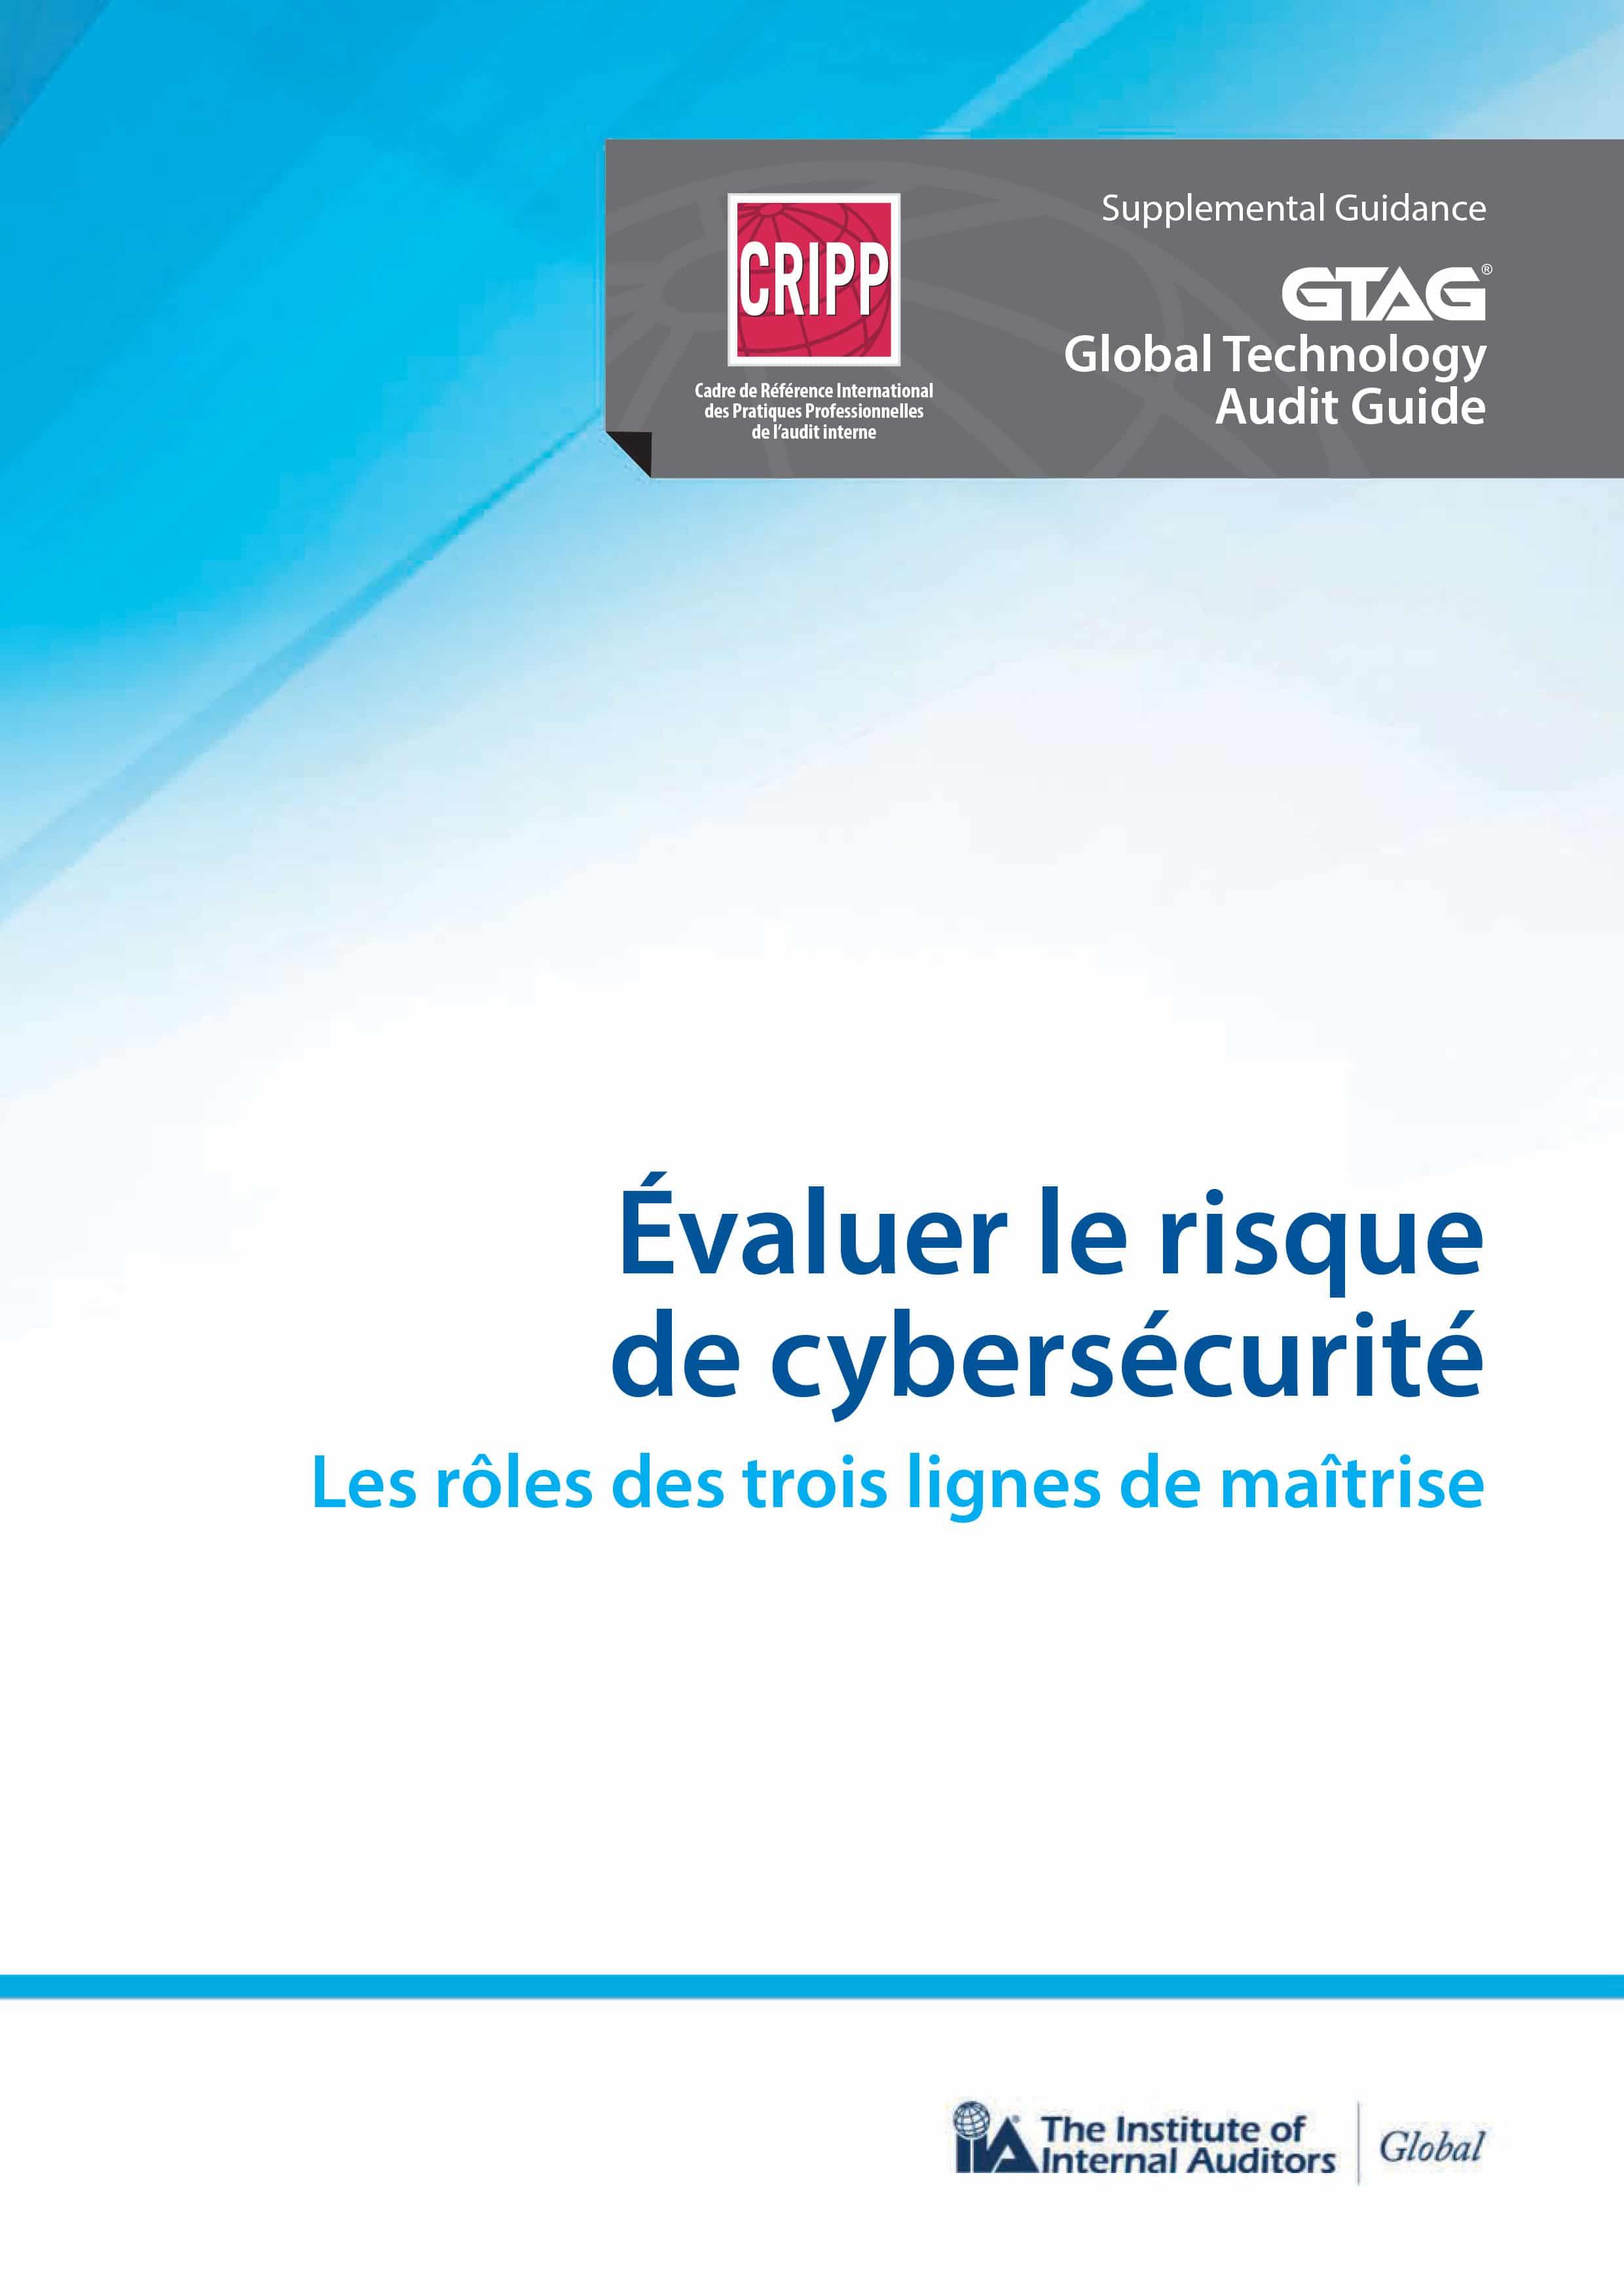 GTAG : Evaluer le risque de cybersécurité – Le rôle des trois lignes de maîtrise